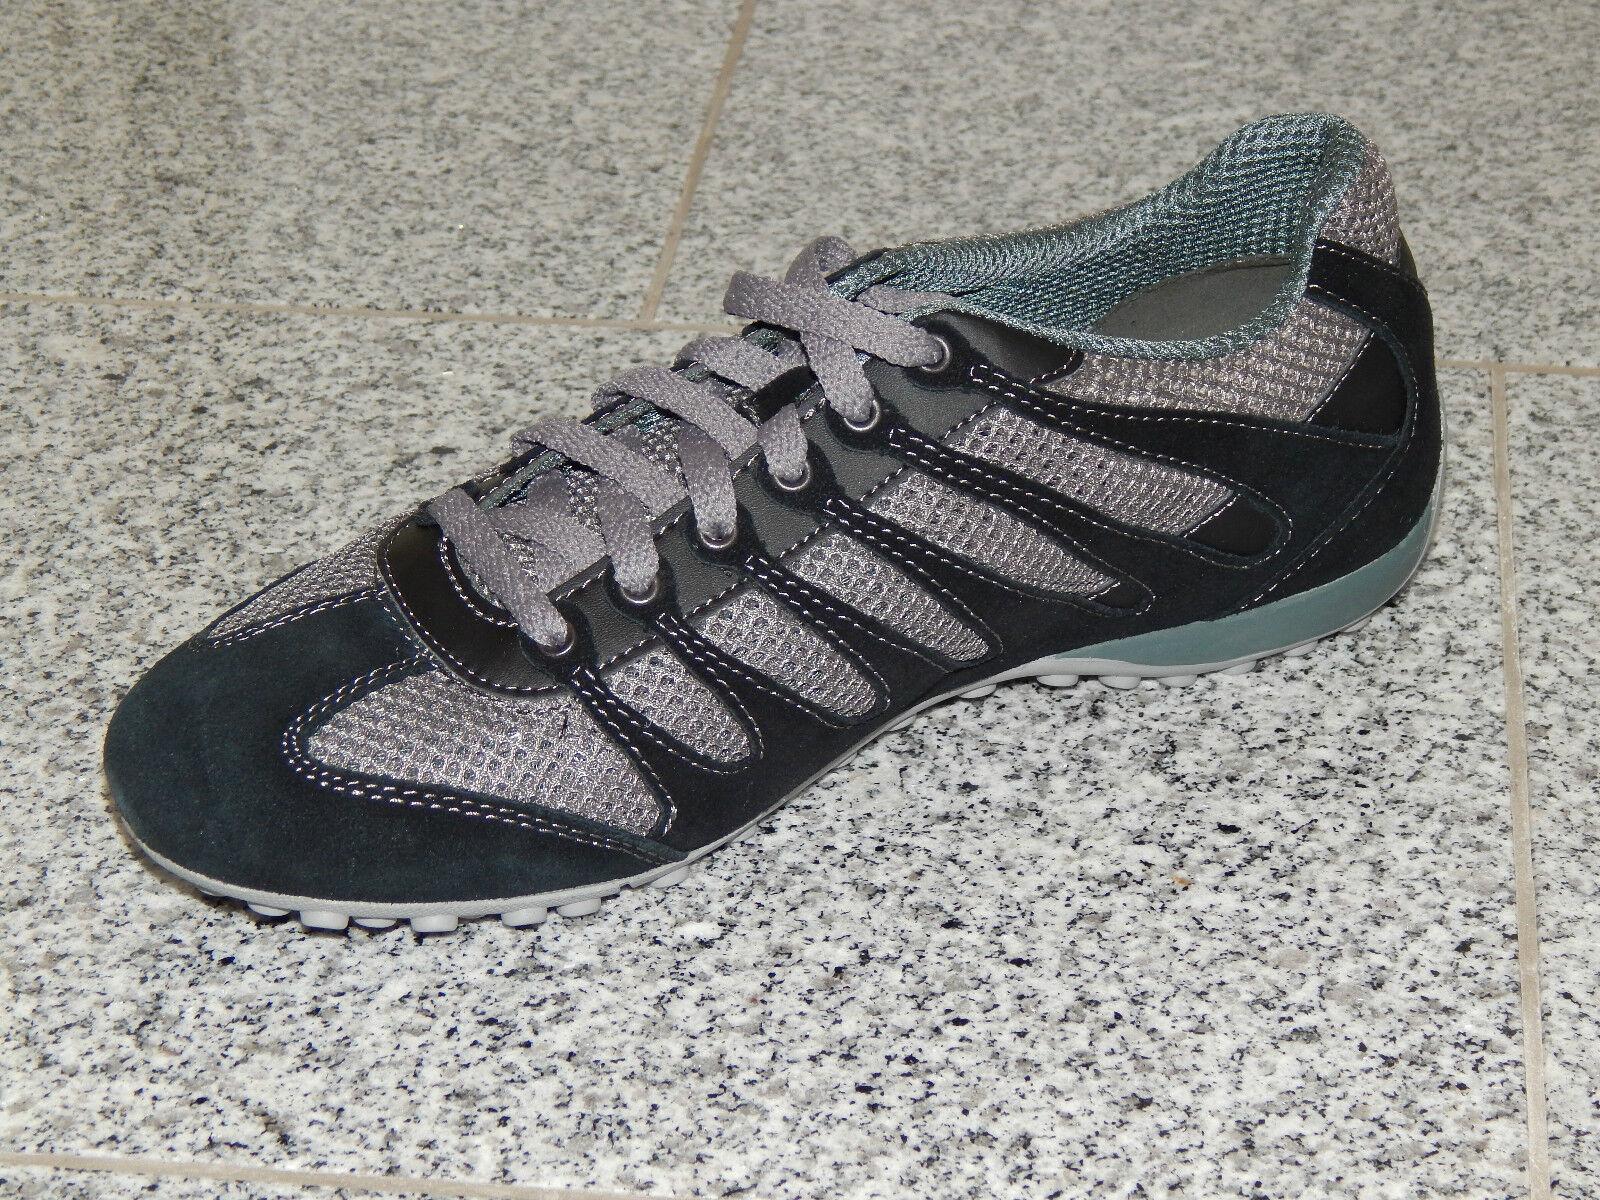 Geox - Herren Schuh Sneaker U4207B  SNAKE B - U4207B Sneaker 40, 41, 42, 43, 44, 45, 46, 47 neu d55808